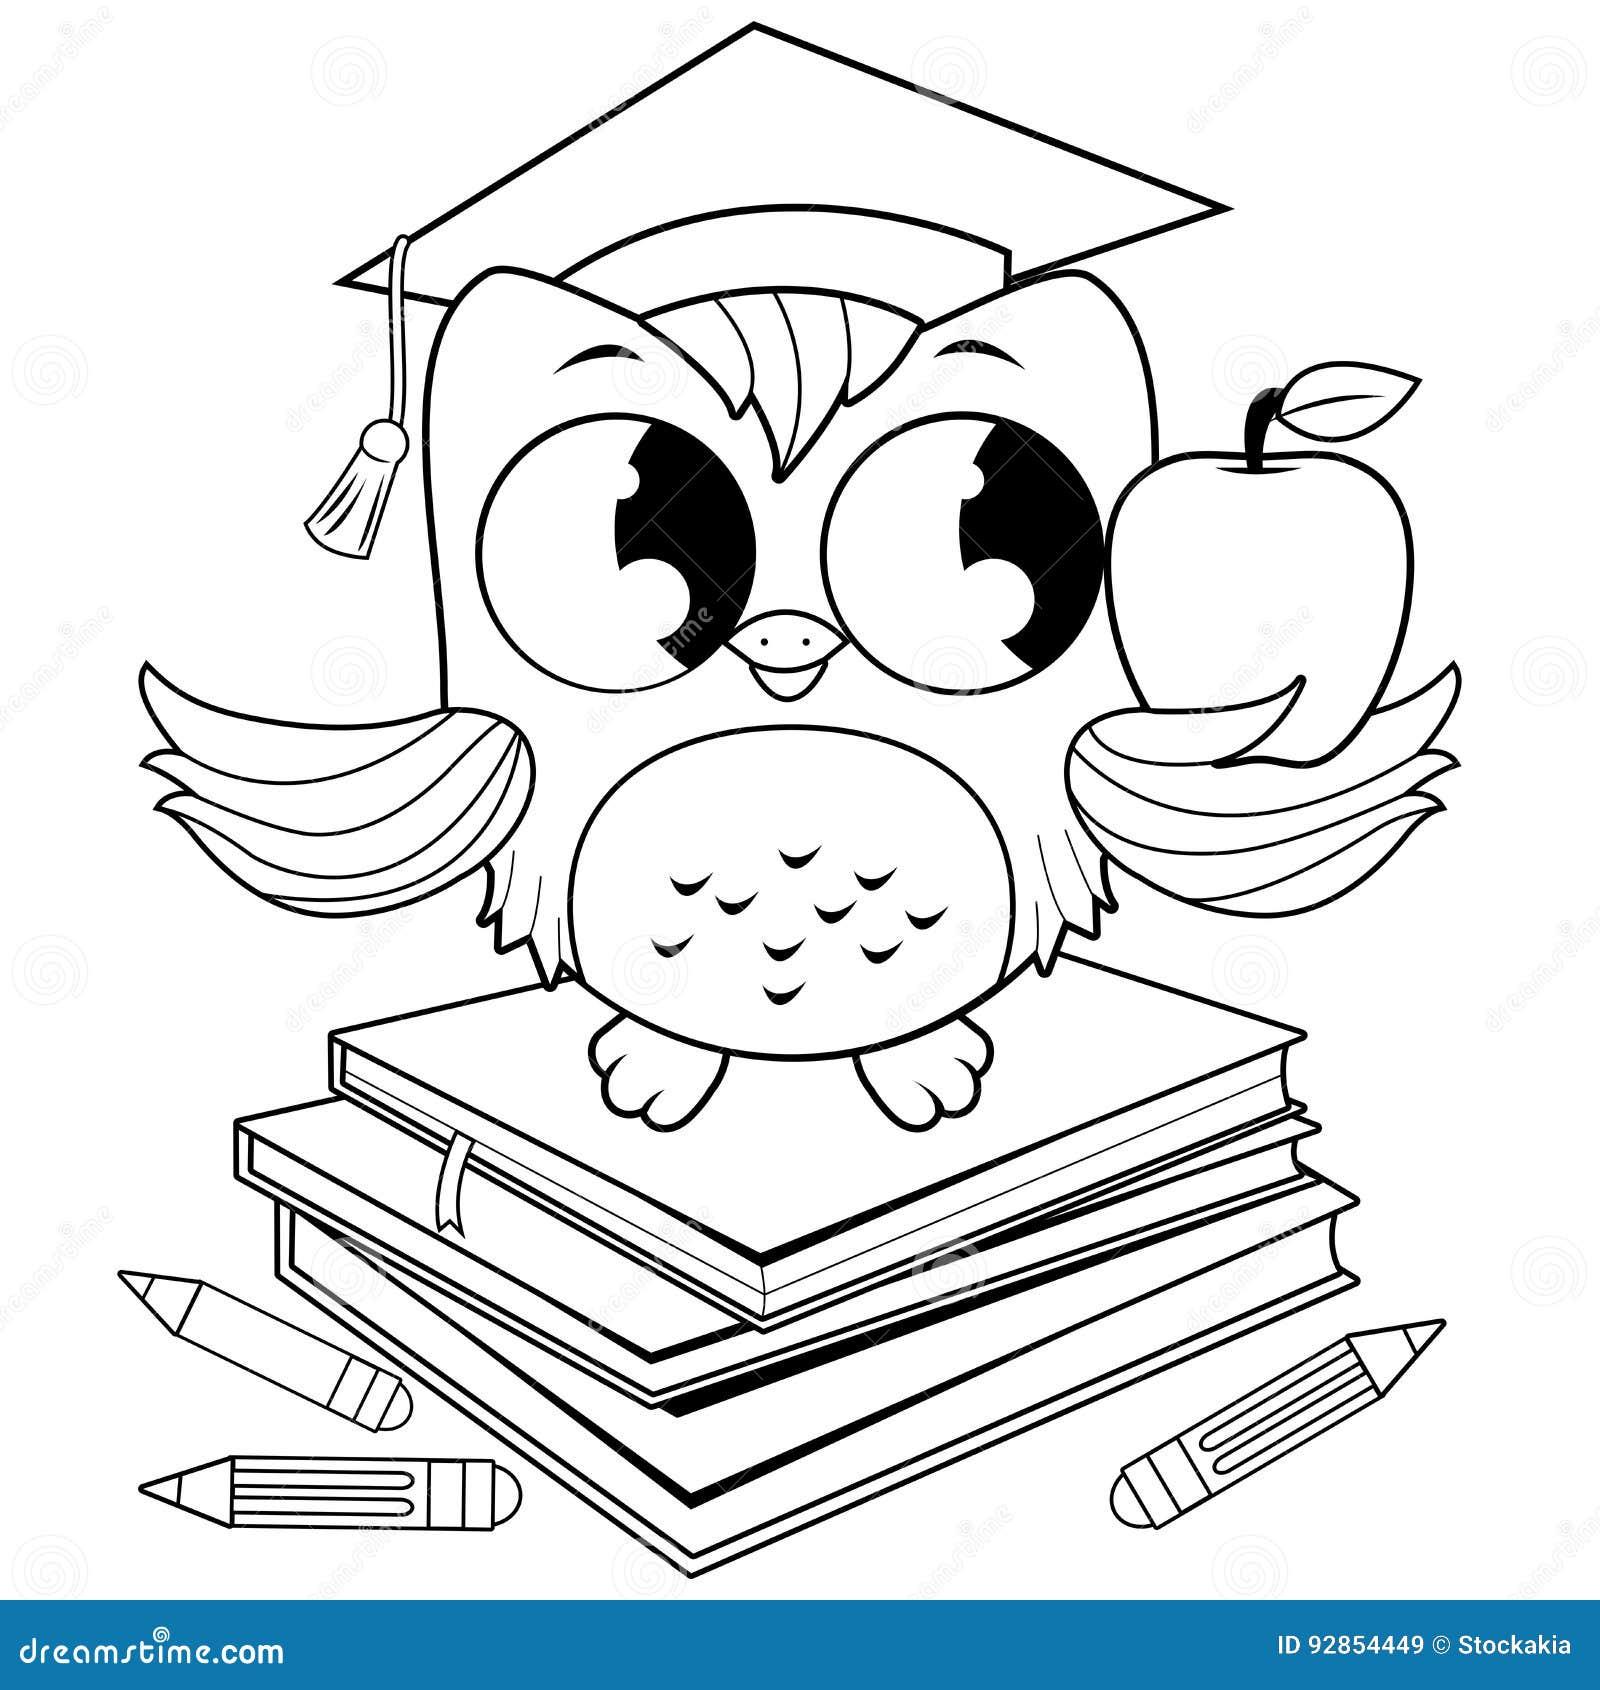 одинаково картинка мудрой совы раскраска с книжкой этой